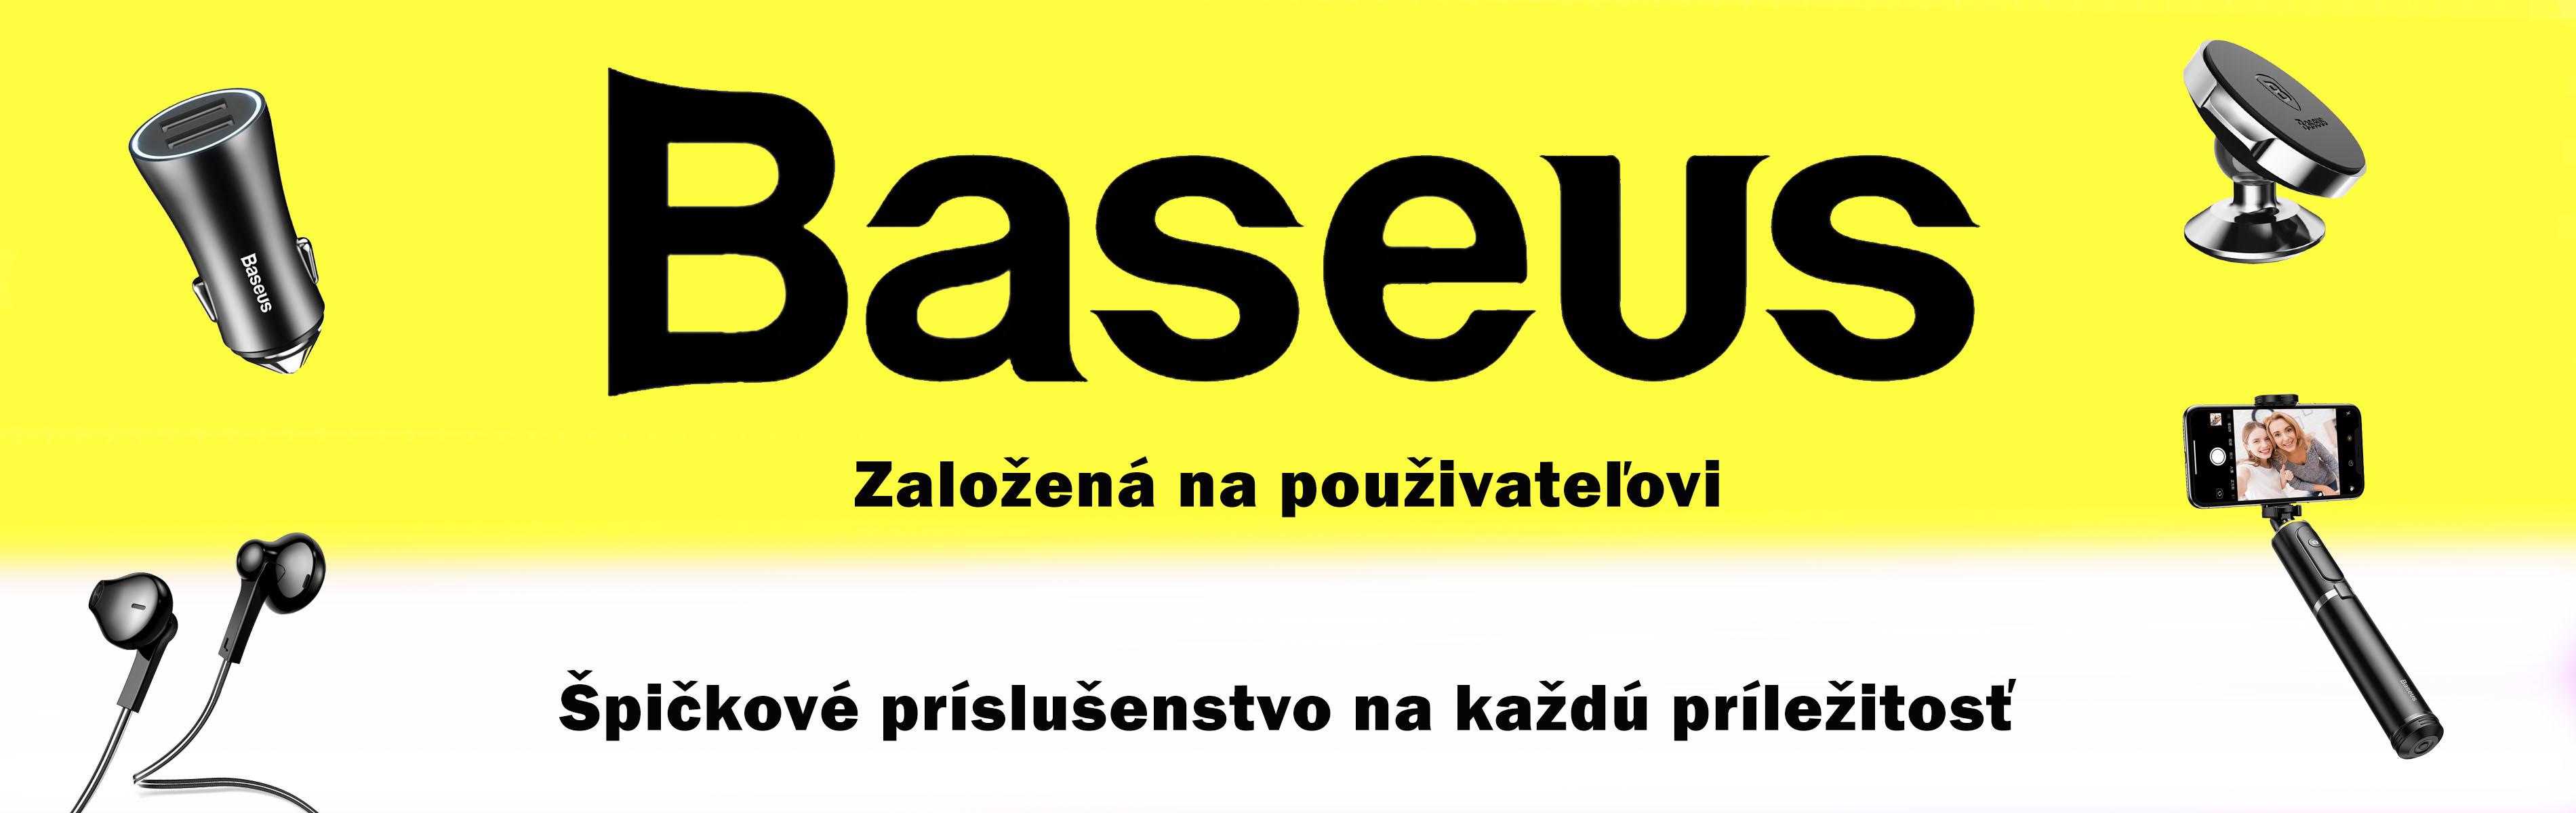 Nová značka Baseus